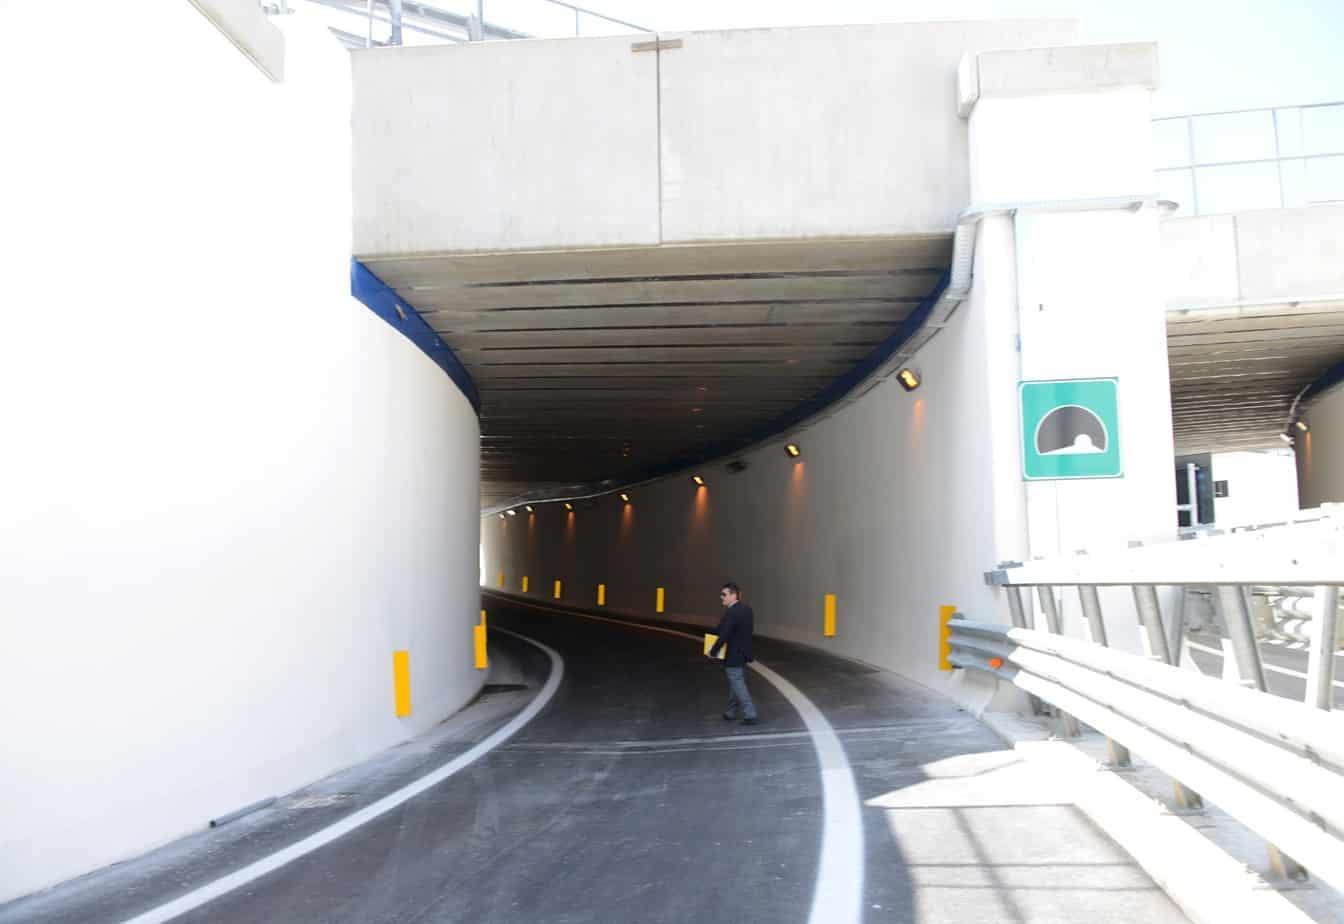 Le superfici trattate sono le pareti verticali interne su tutti gli svincoli e nei sottopassi